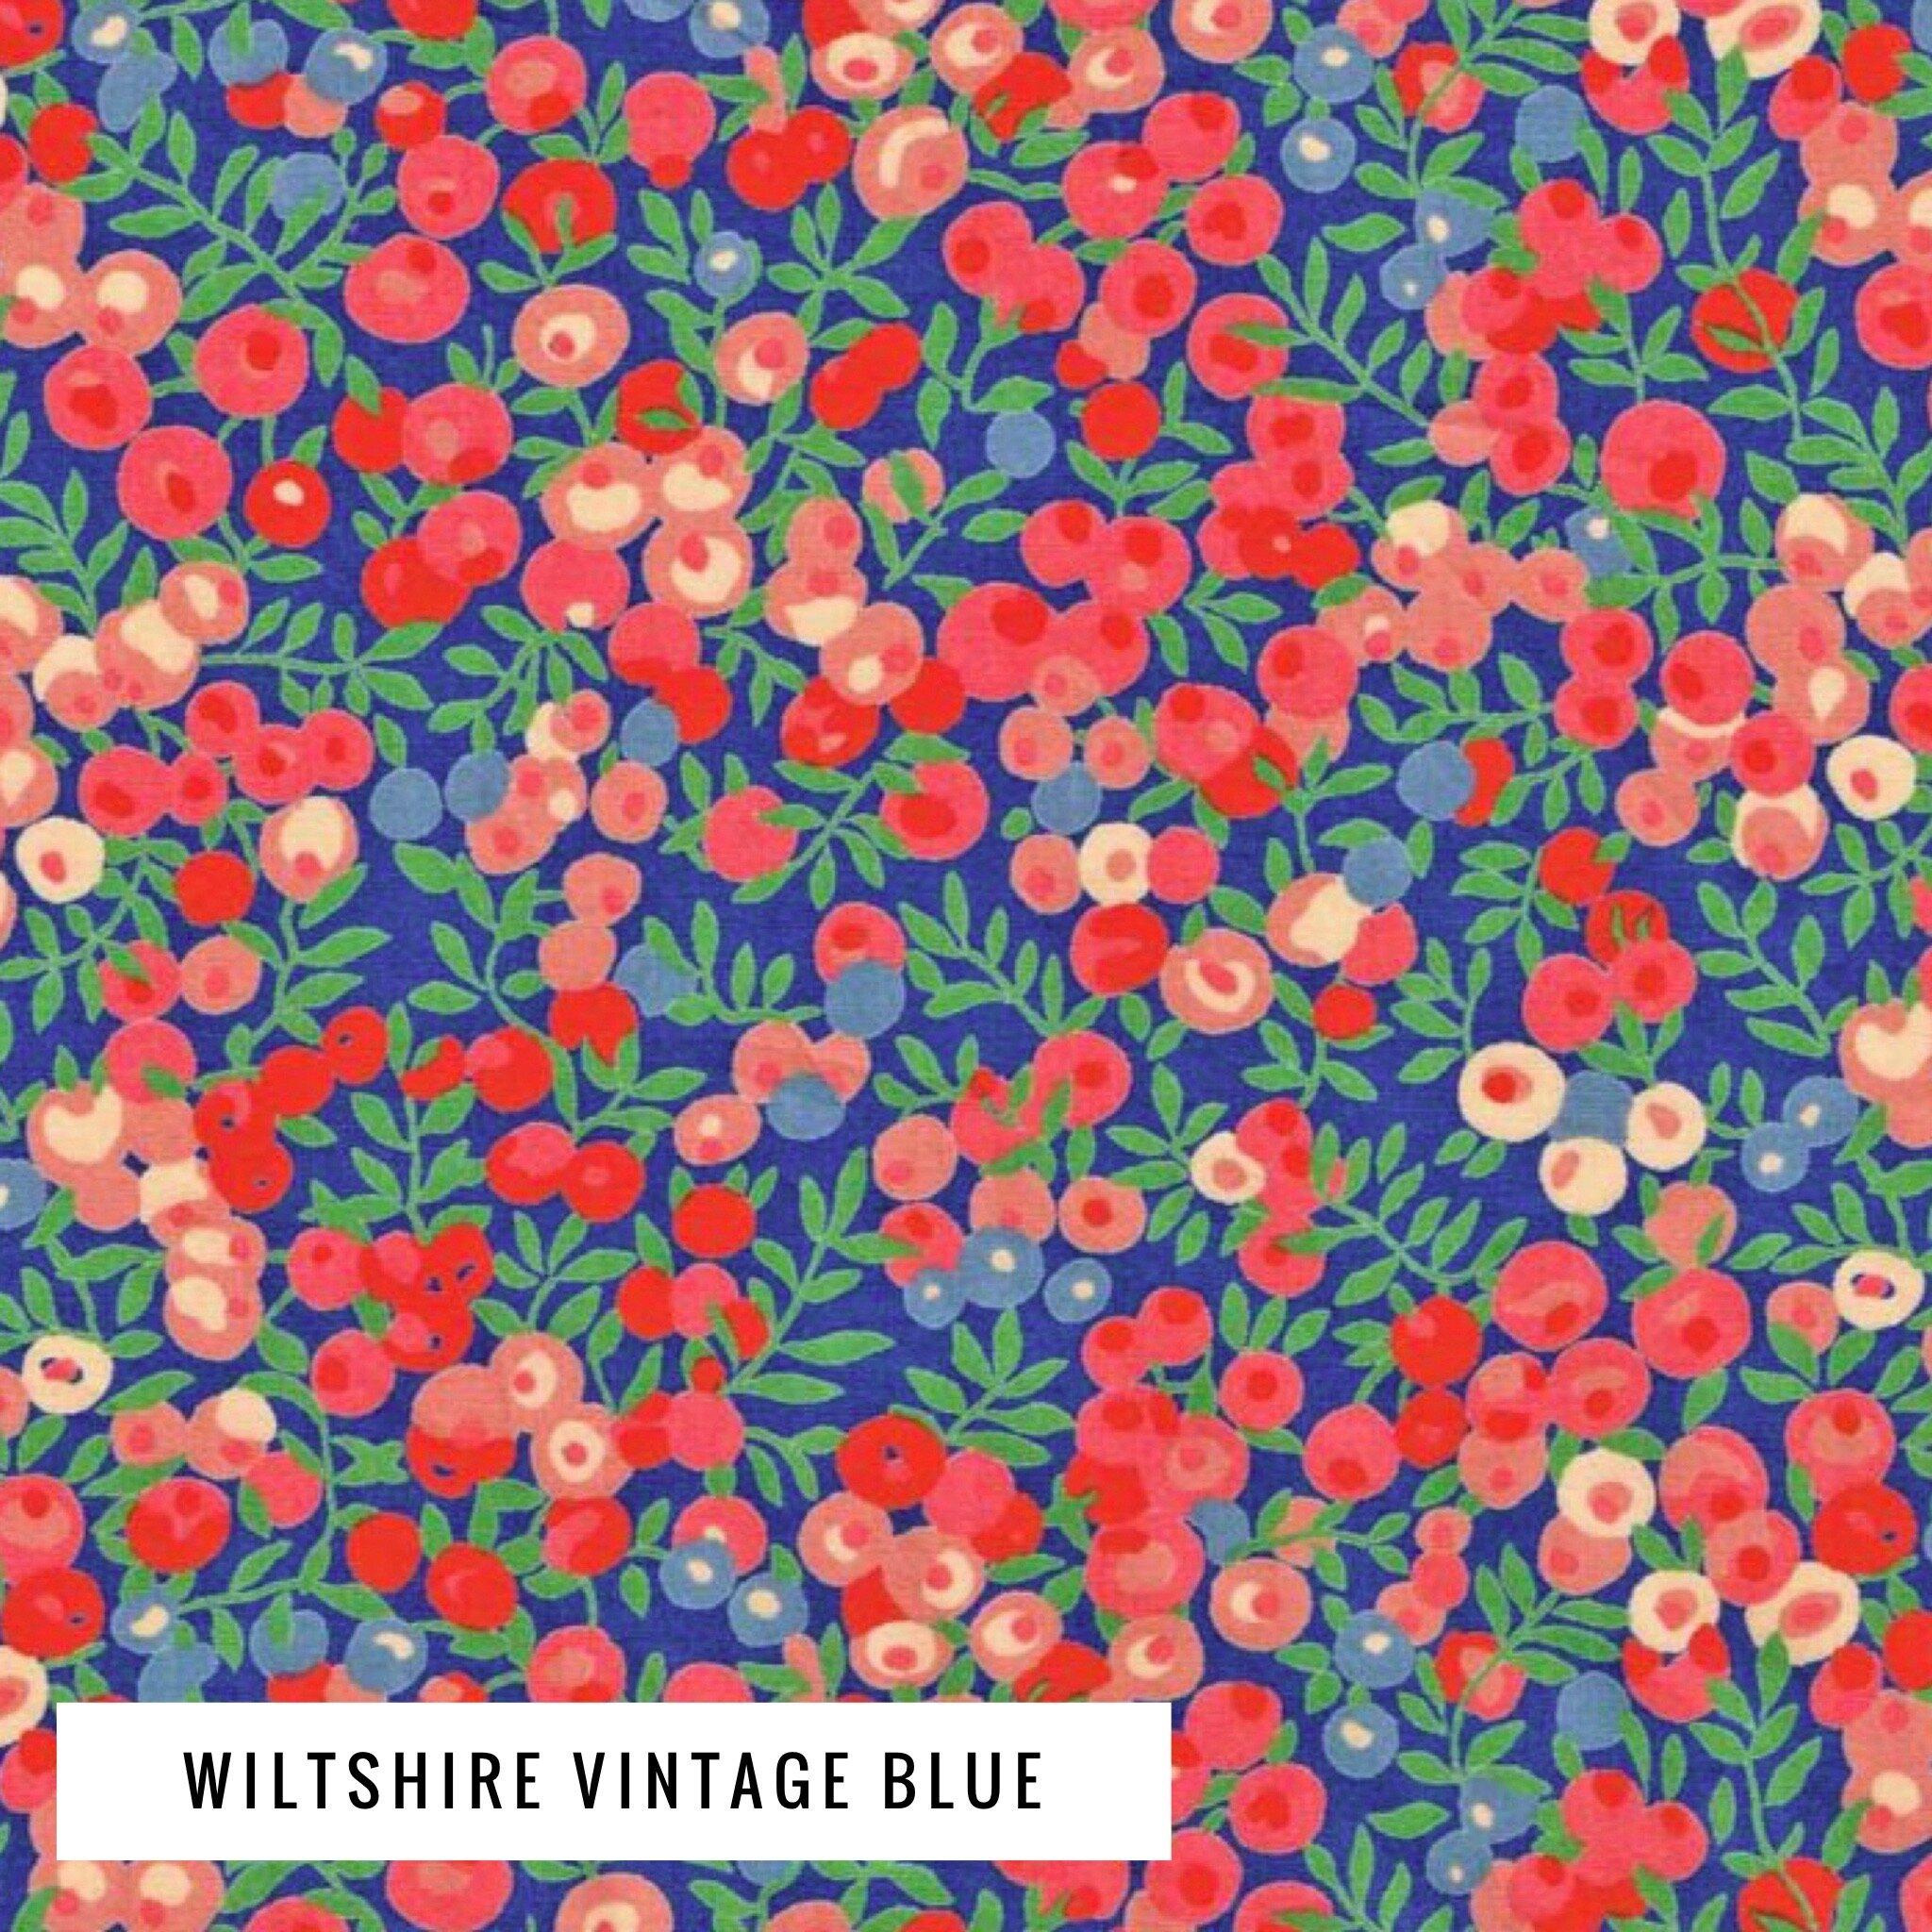 Wiltshire Vintage